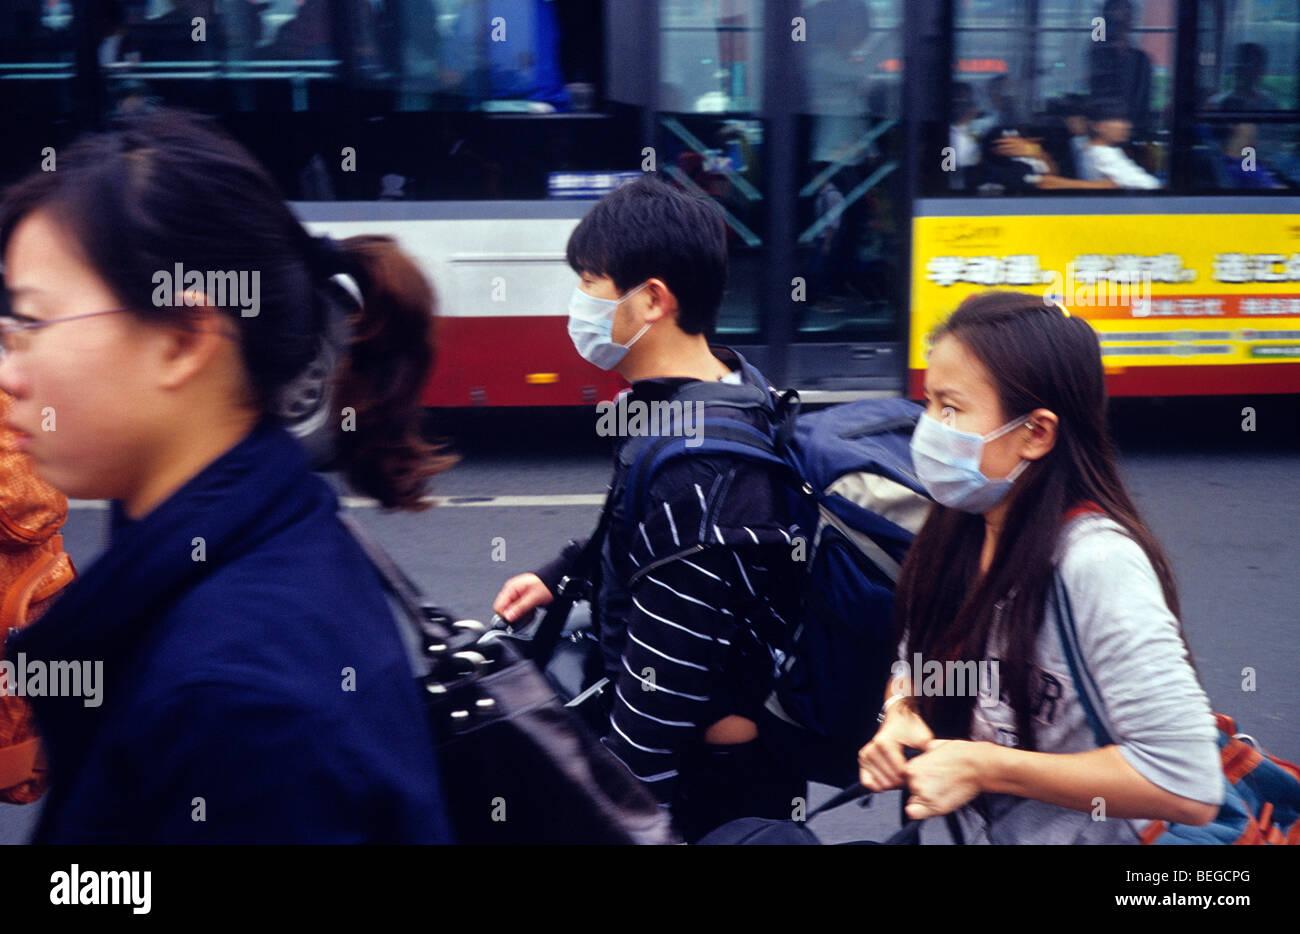 Pareja joven llevan máscaras para protegerse contra la grave contaminación del aire en Beijing, China. Imagen De Stock